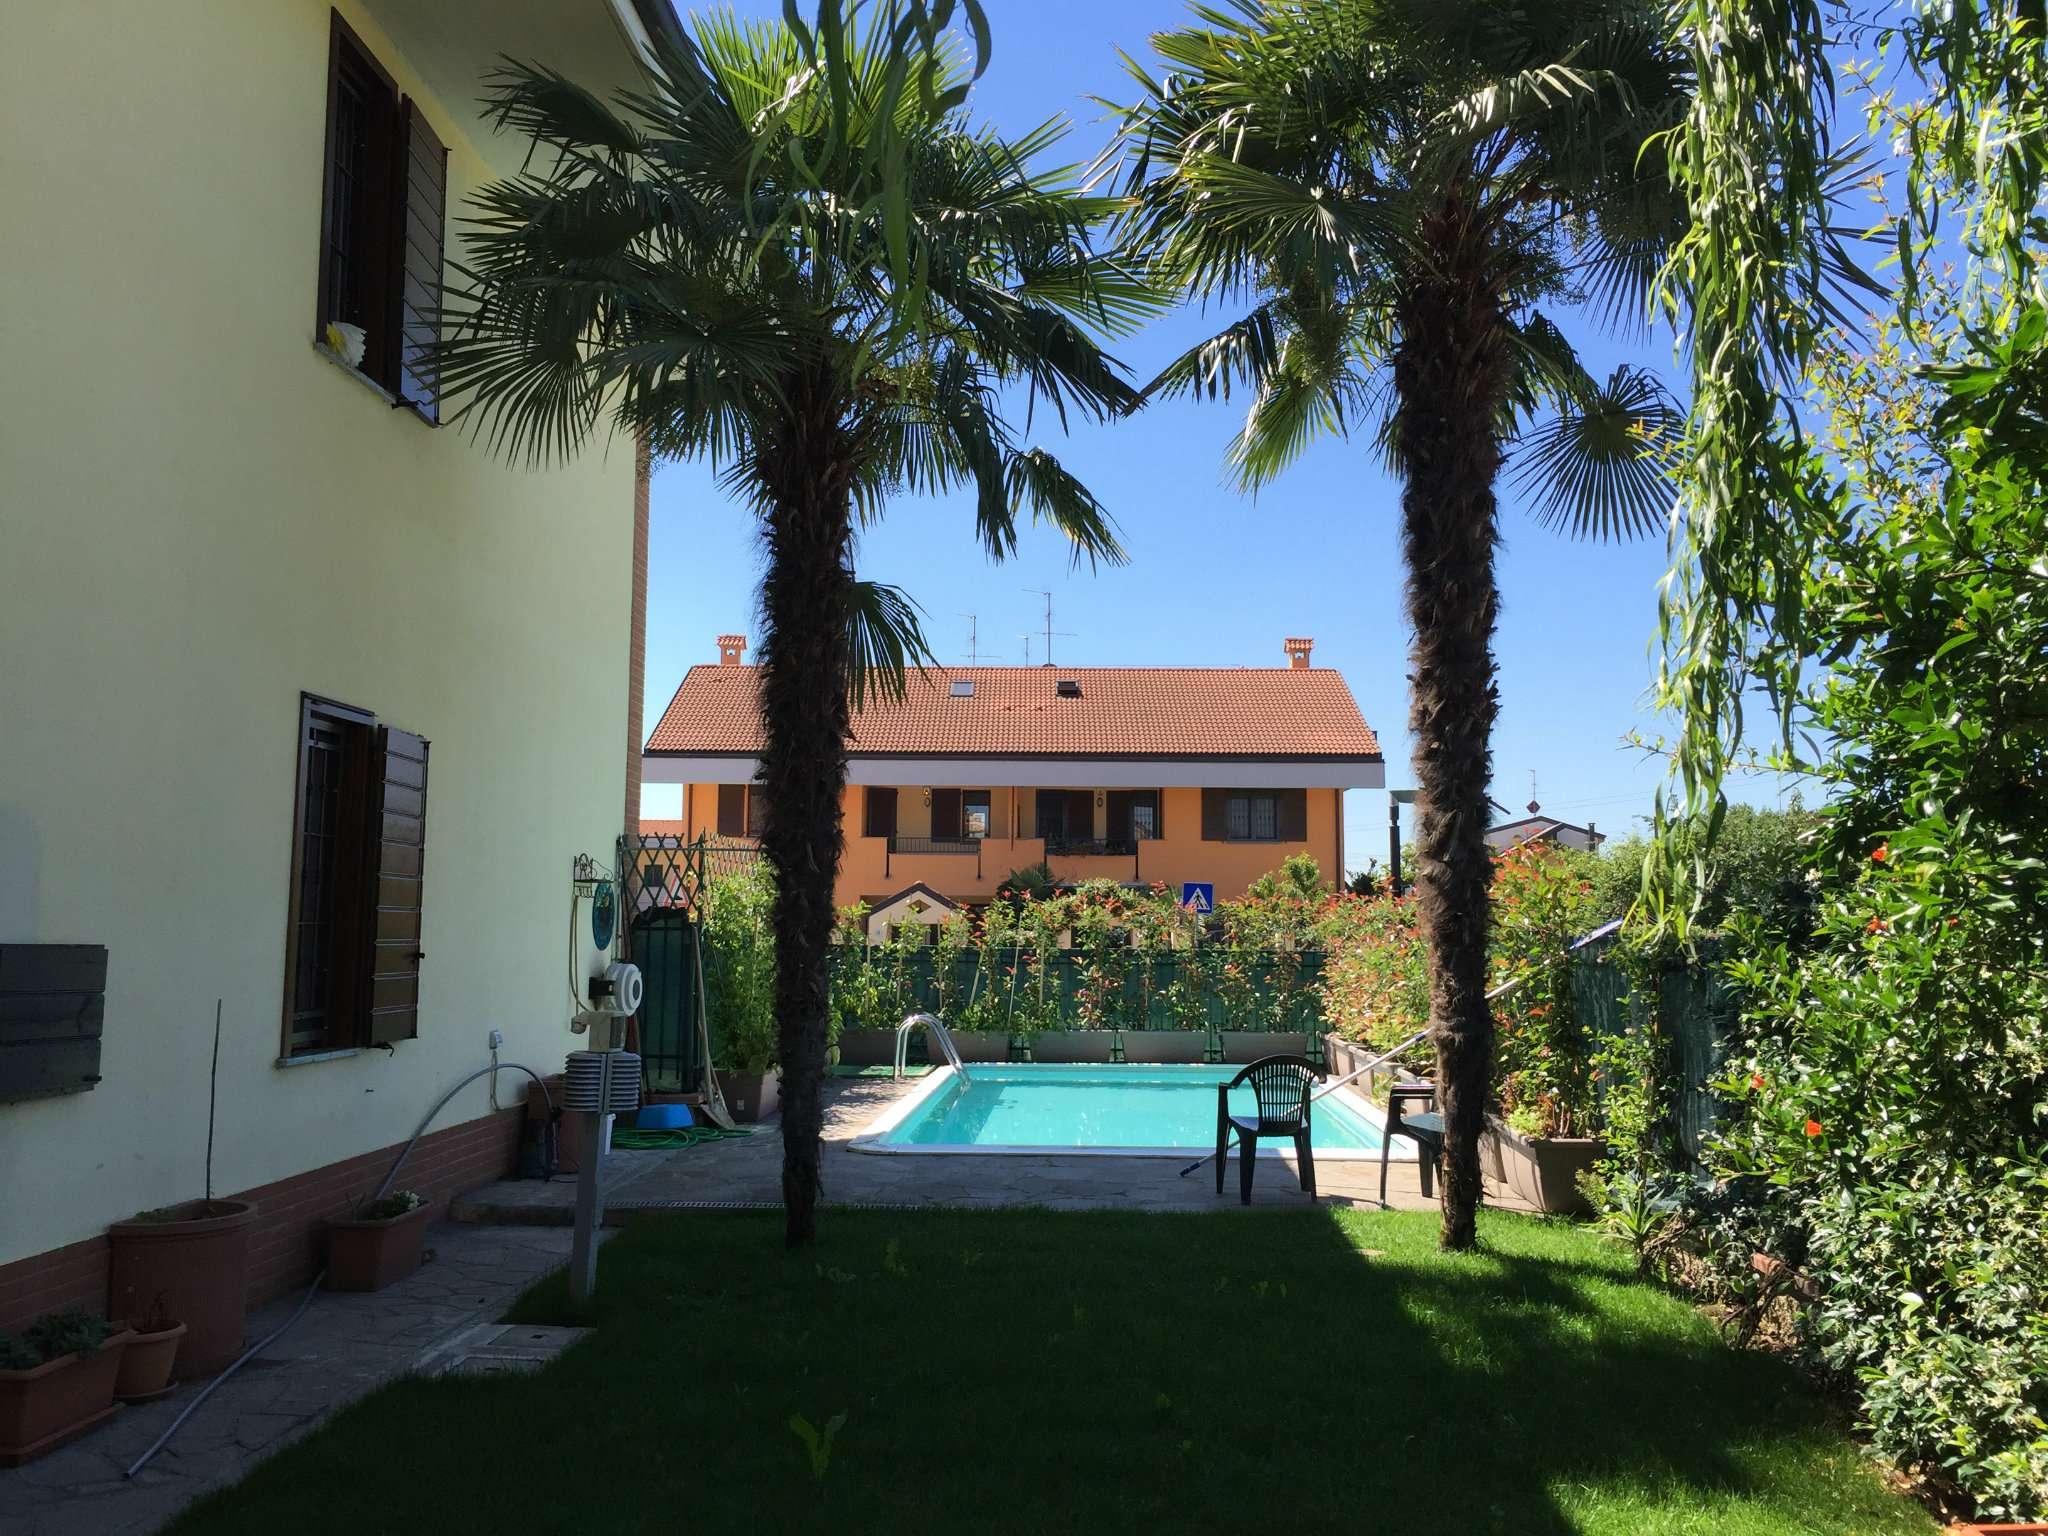 Appartamento in vendita a Vimodrone, 3 locali, prezzo € 320.000 | CambioCasa.it